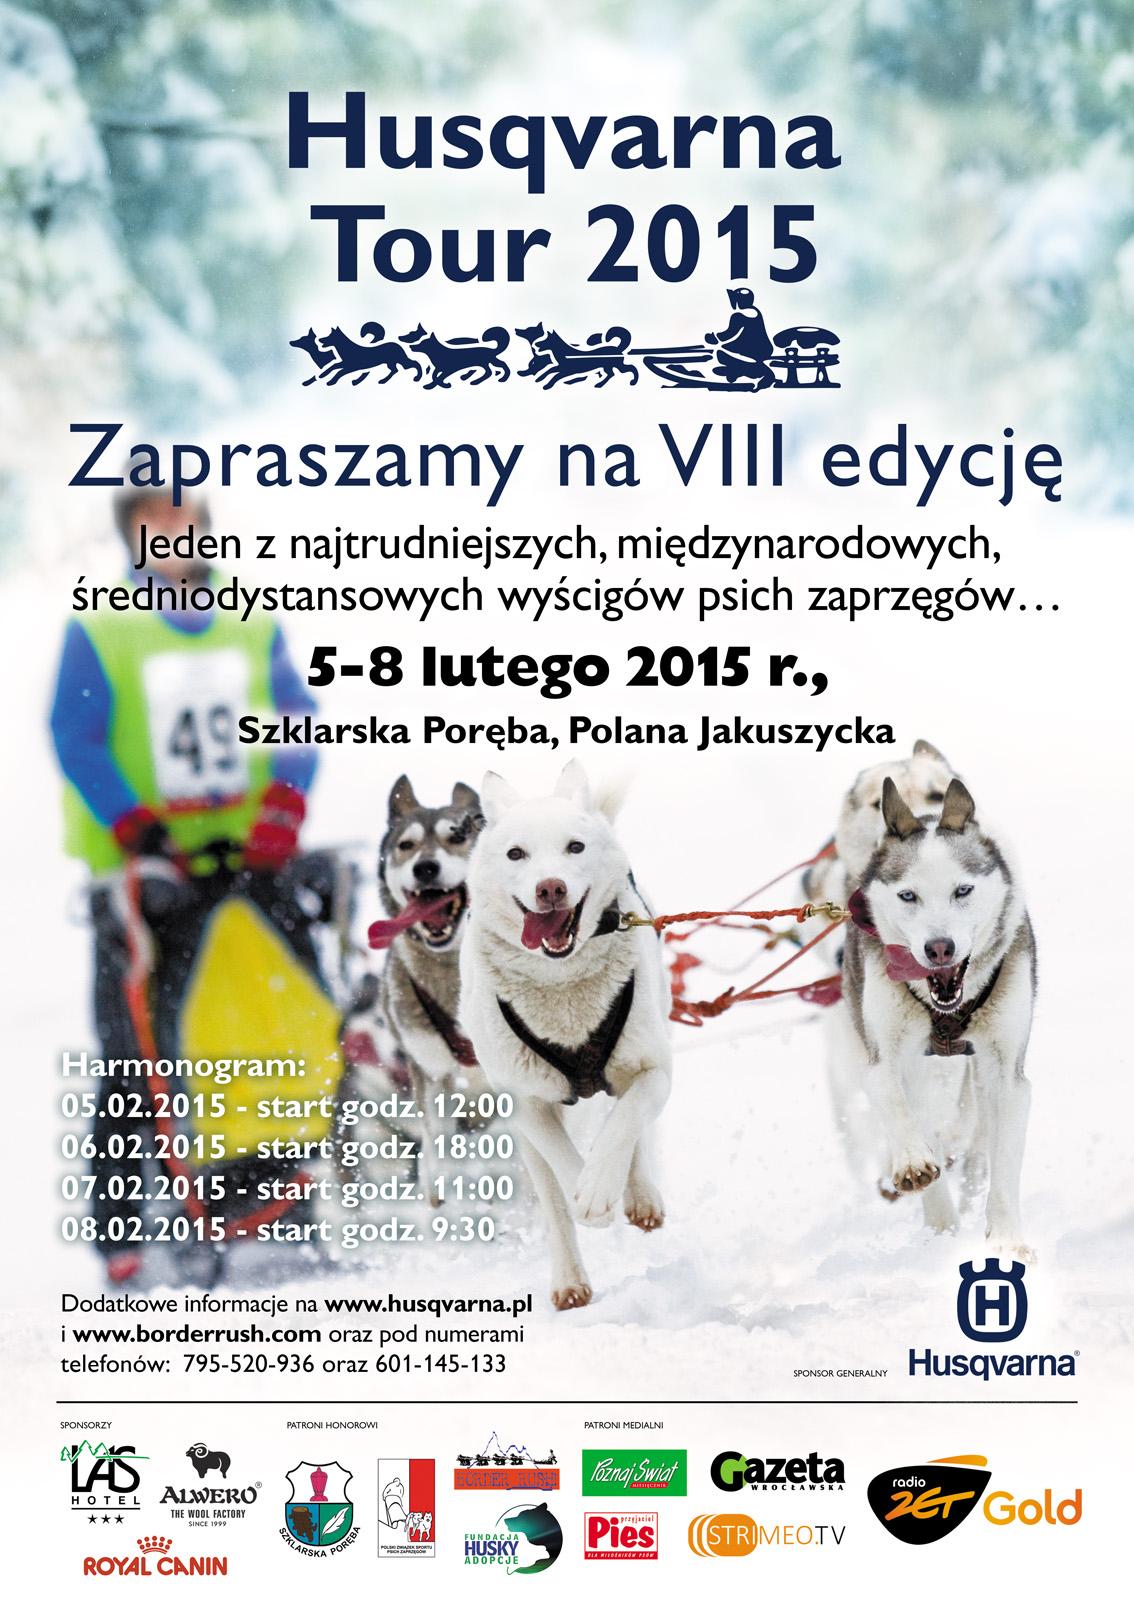 Husqvarna Tour 2015 - wyścigi psich zaprzęgów